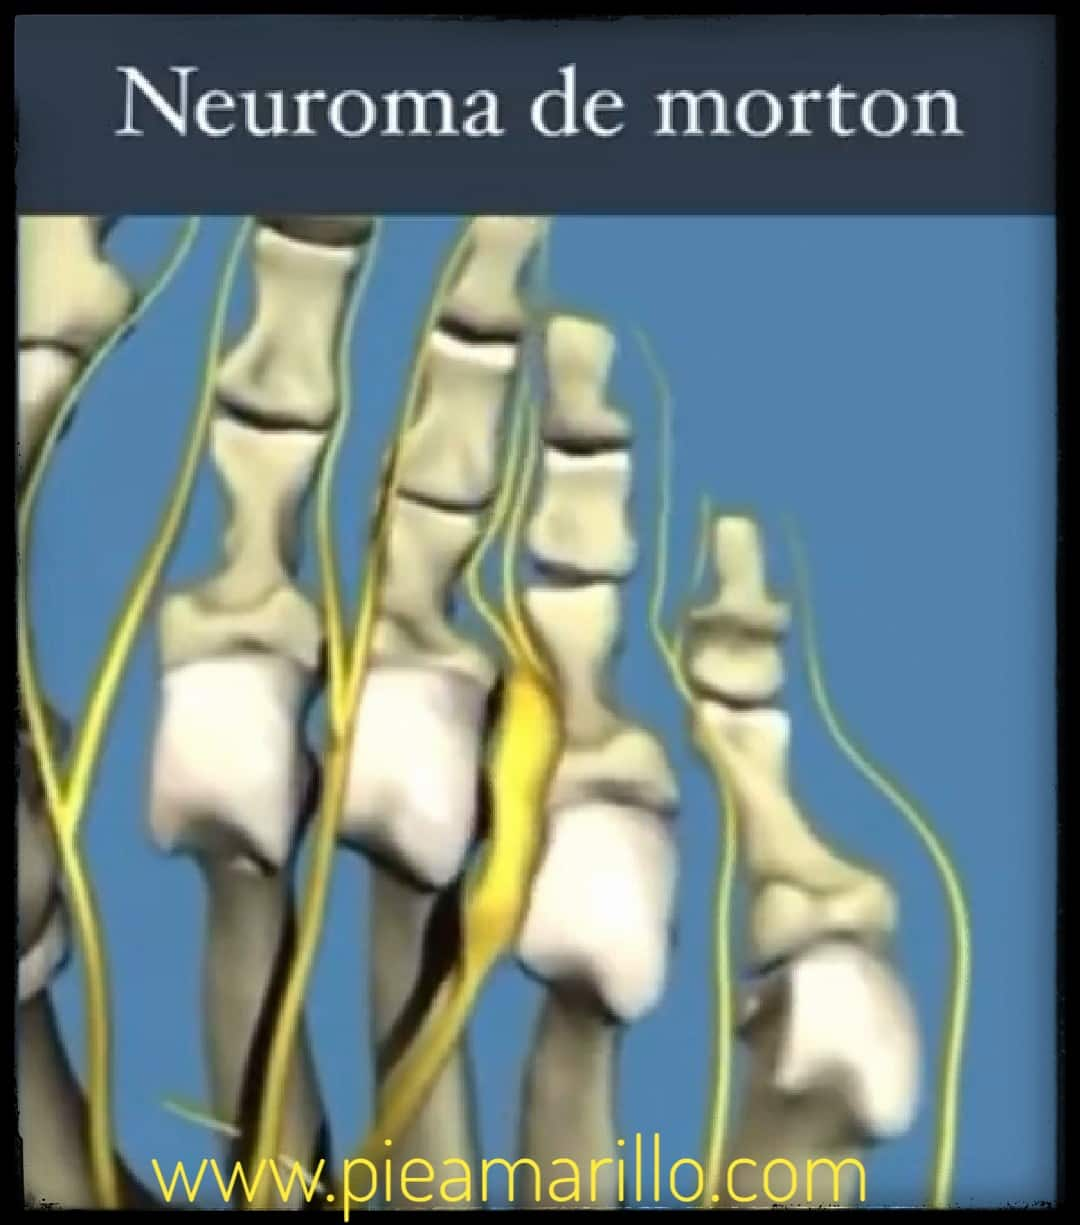 anatomia-neuroma-morton_pieamarillo_25-04-2021.jpeg